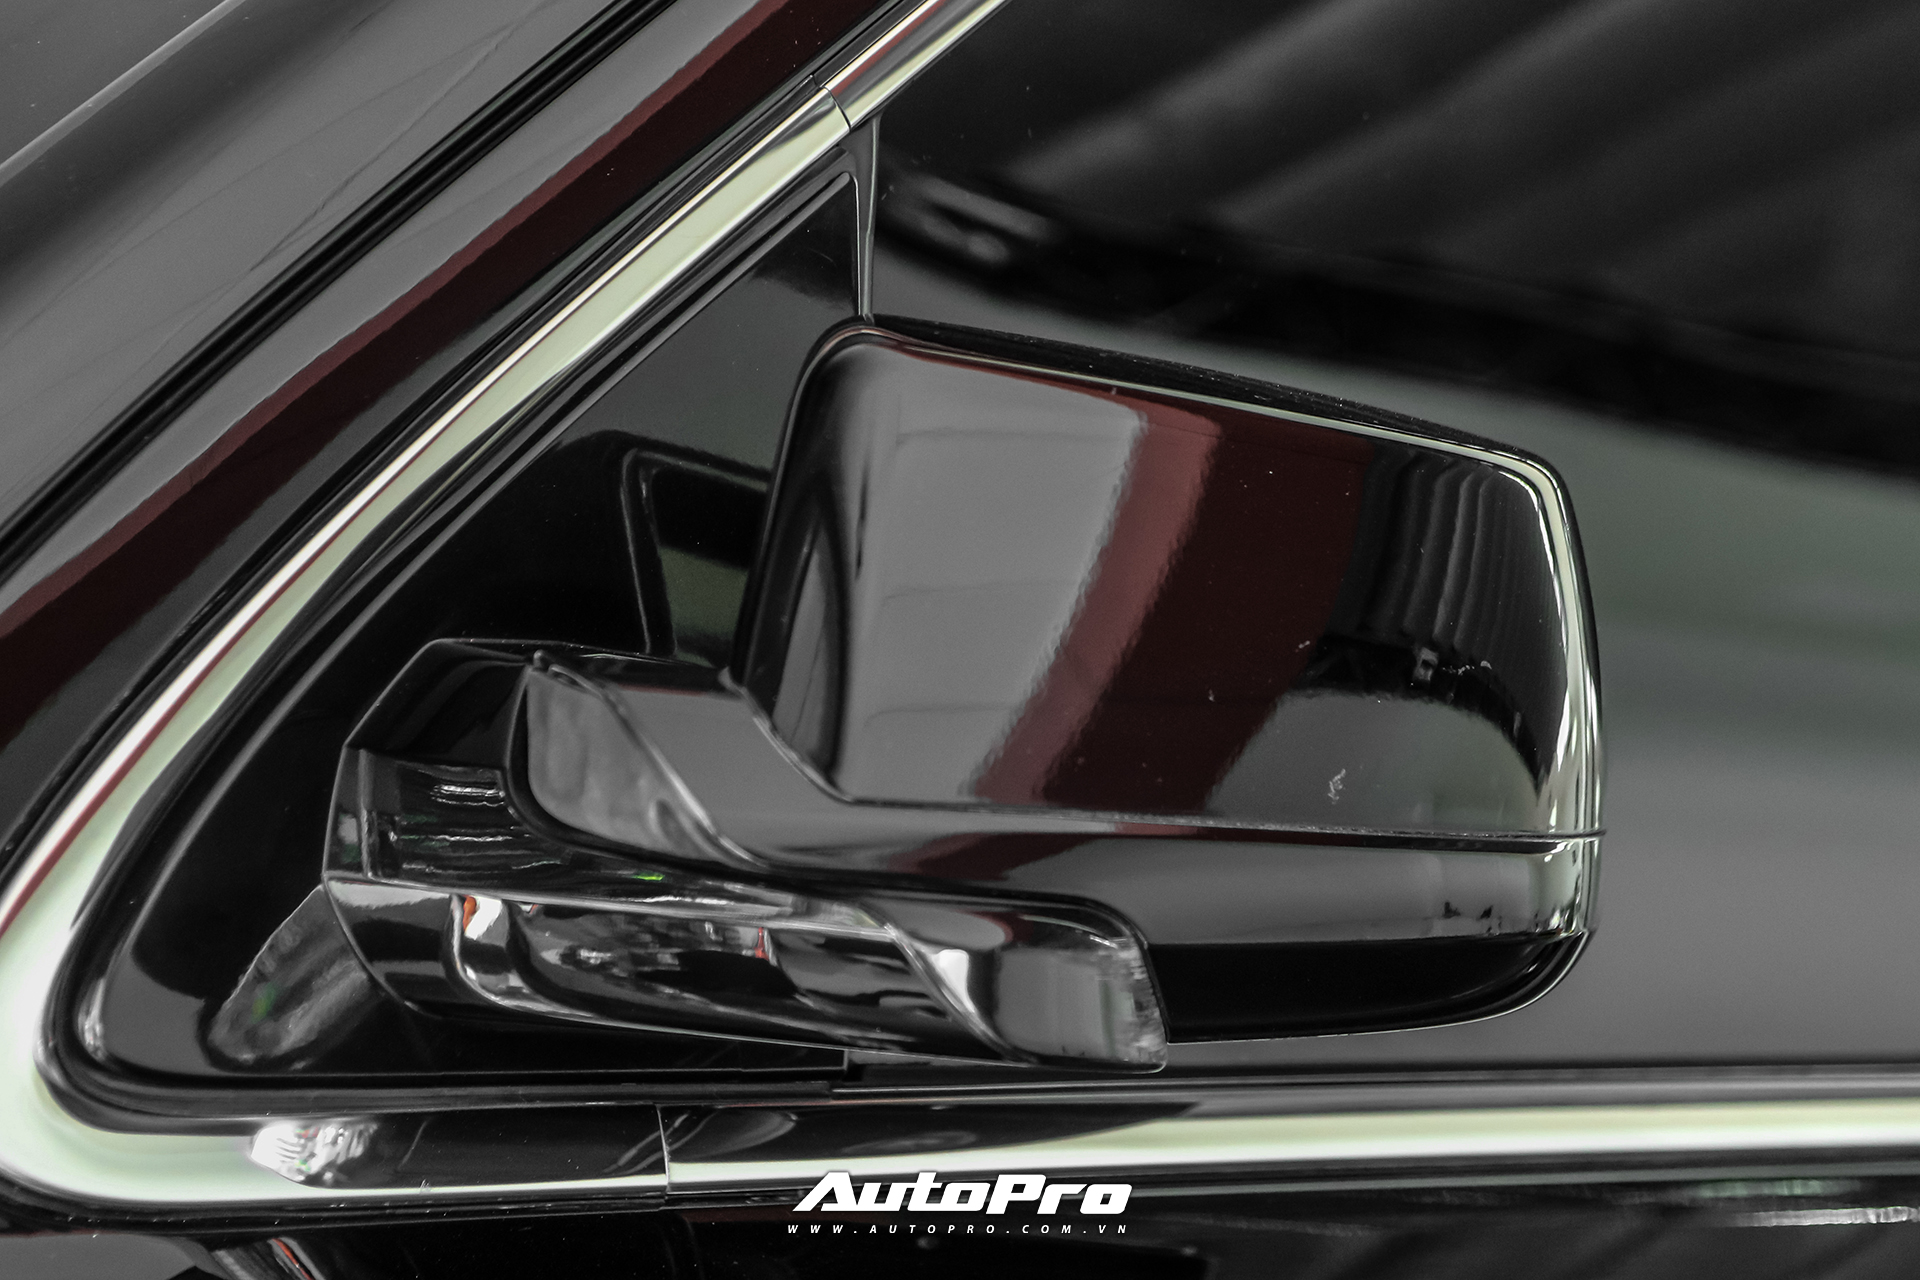 75% vật liệu chế tạo khung gầm của chiếc xe là loại thép cường độ cao, mang tới không gian bên trong yên tĩnh và khả năng kiểm soát tốt. Một số tính năng an toàn tiêu chuẩn có thể kể đến cảnh báo va chạm, hỗ trợ chuyển làn, cảnh báo nhập làn, cảnh báo phương tiện cắt ngang, phanh tự động, ga tự động thích ứng và GM Alert Seat. Tính năng GM Alert Seat sẽ chủ động đưa chuyển động rung tới người lái để cảnh báo trong trường hợp khẩn cấp.